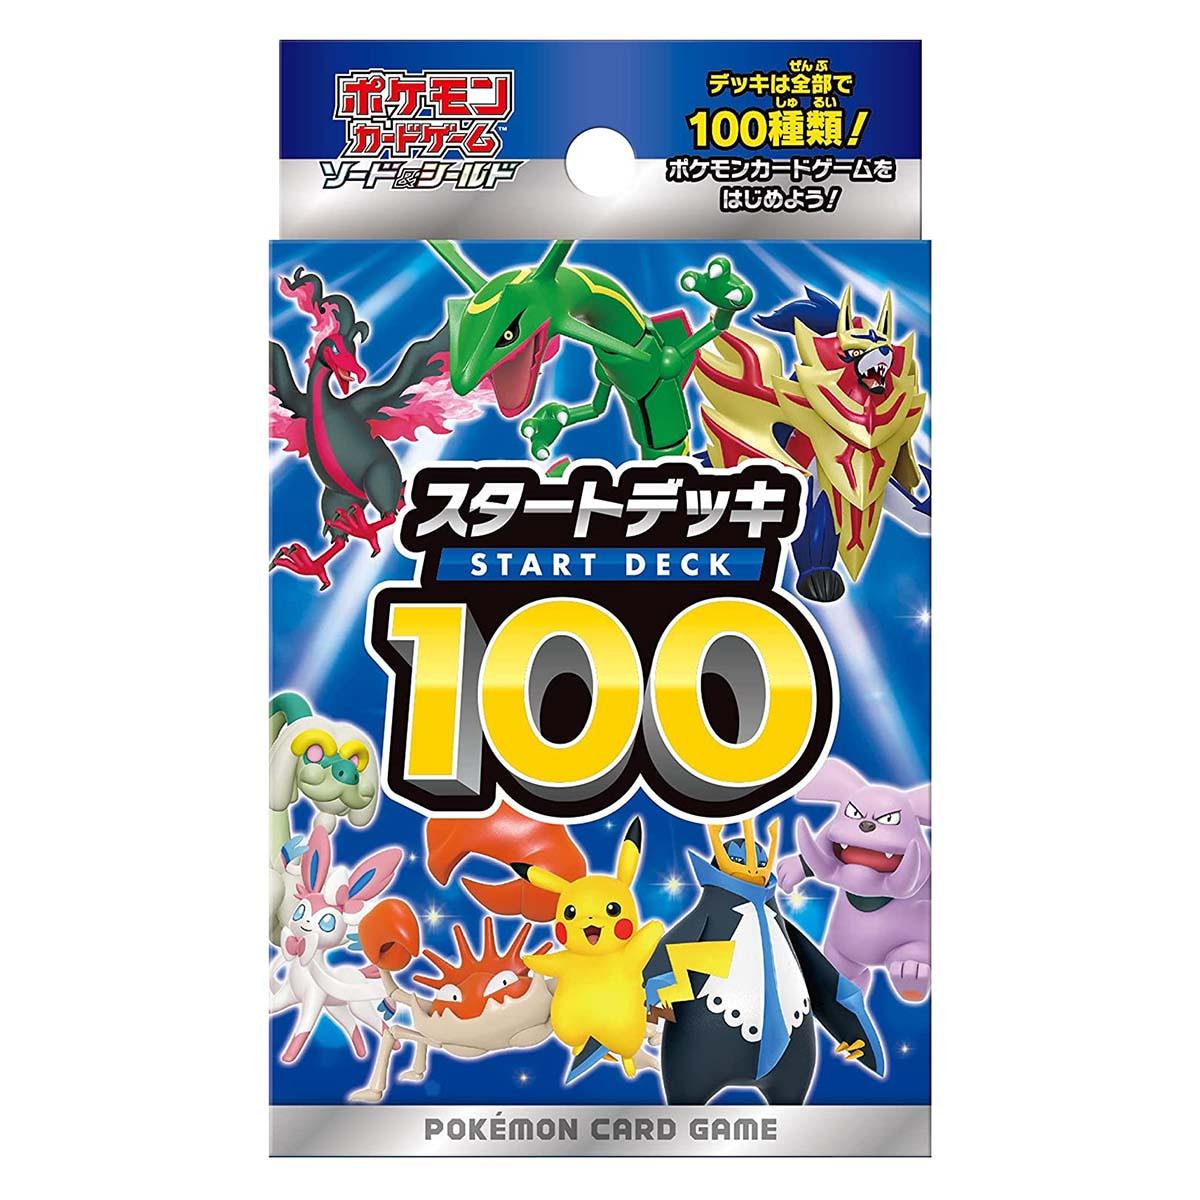 ポケモンカードゲーム ソード&シールド『スタートデッキ100』BOX-001